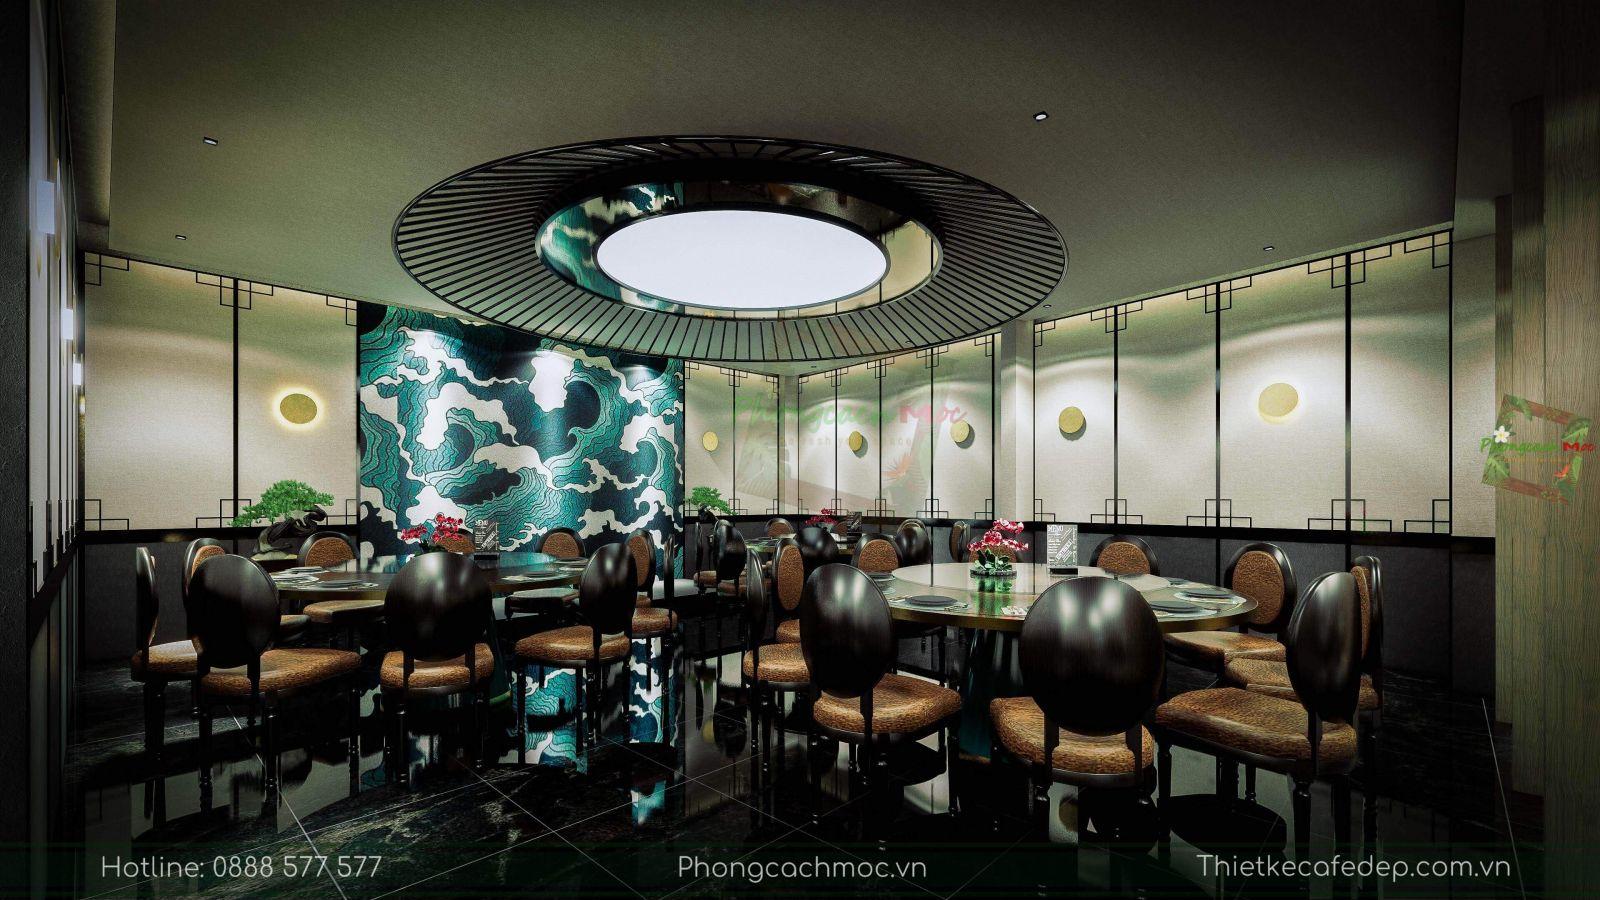 thiết kế nhà hàng trung hoa - nội thất phòng vip 1 - 2